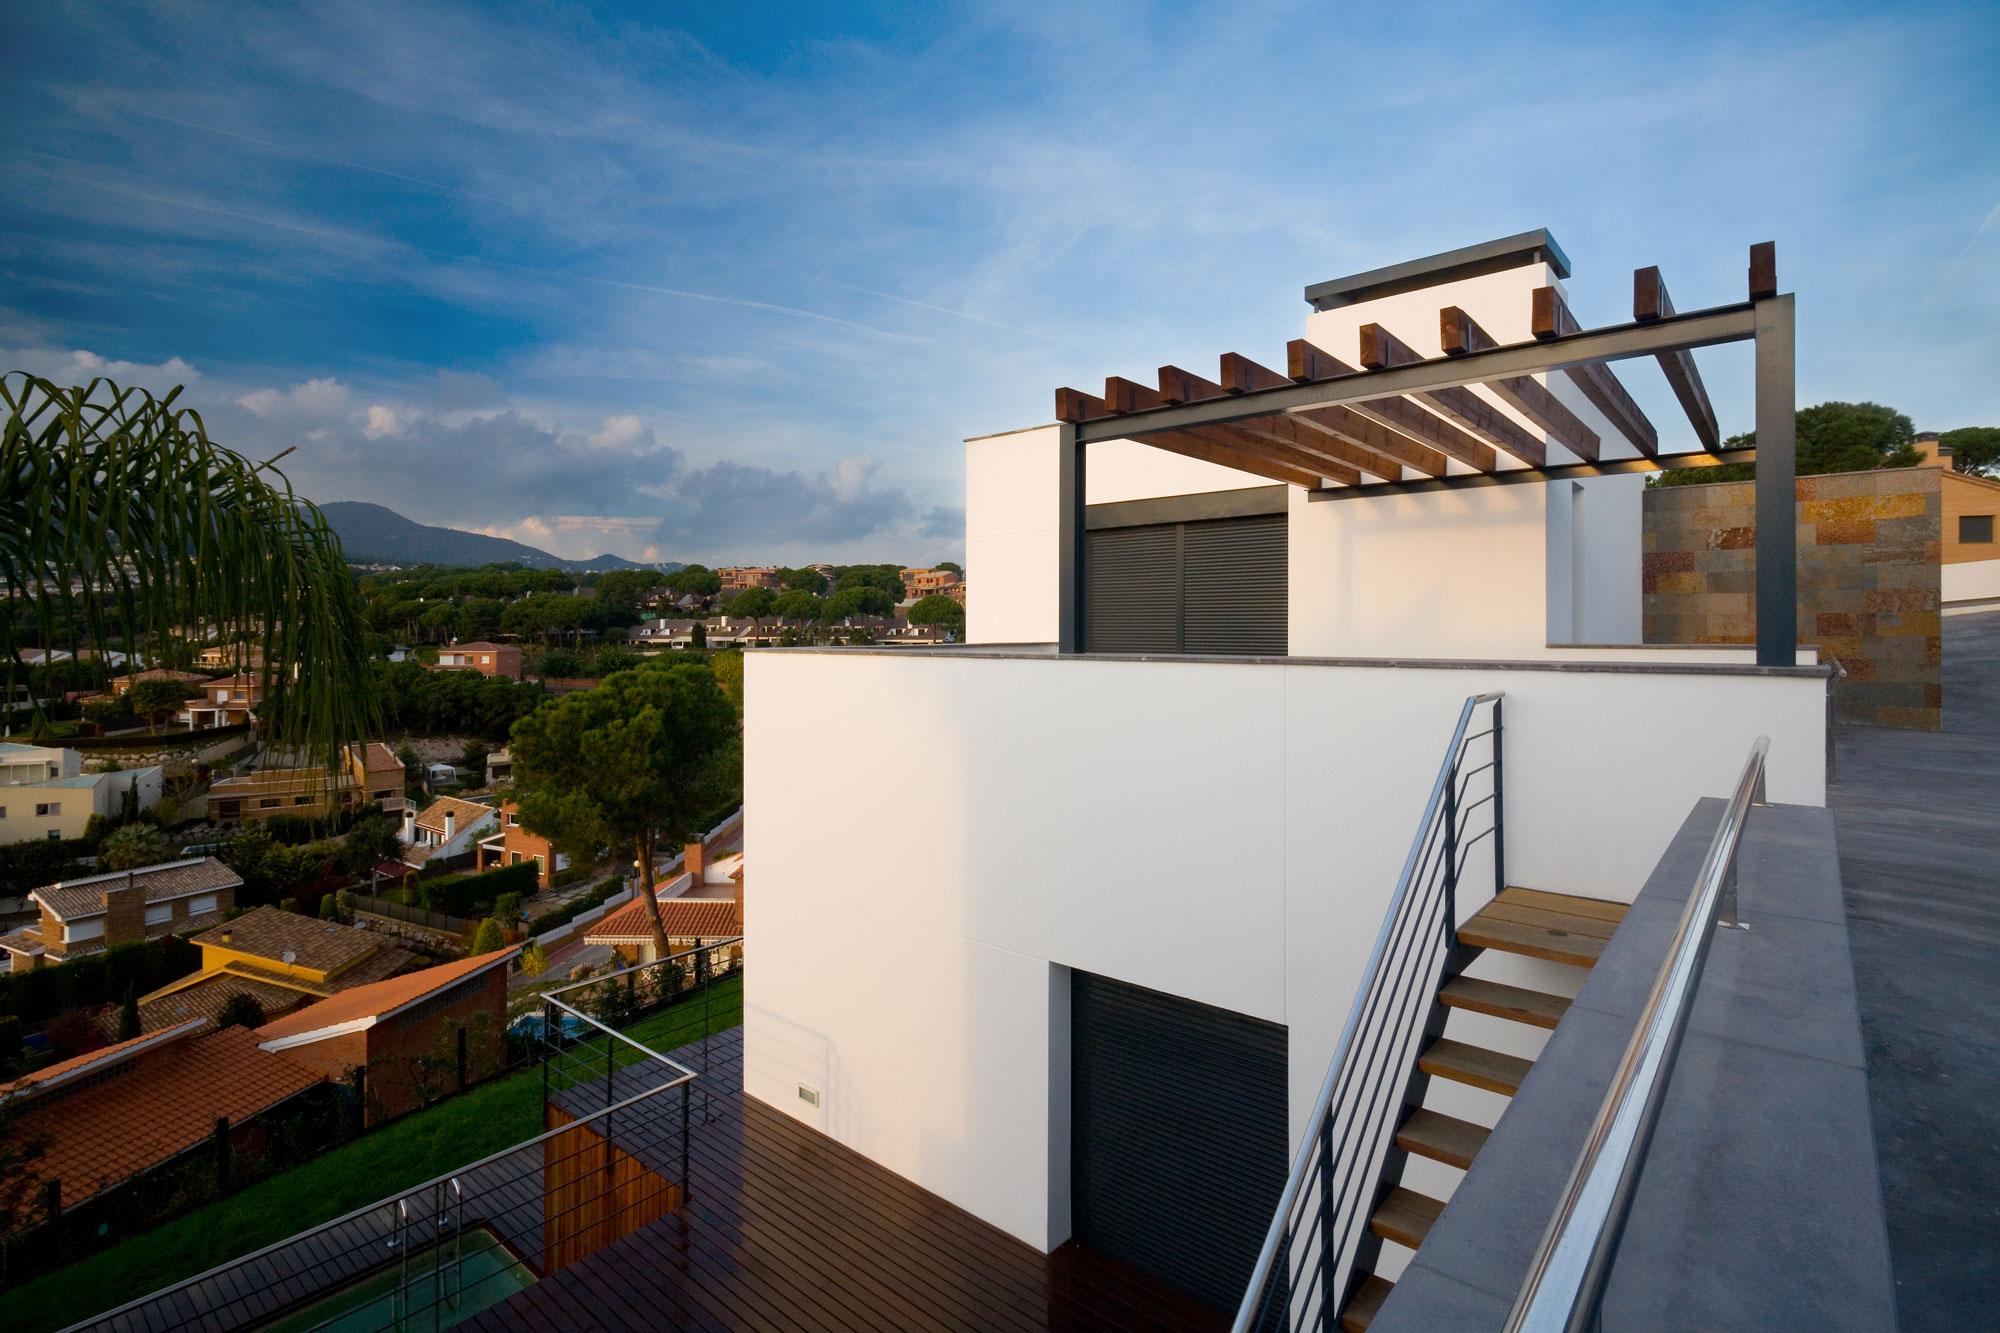 Casa A, moderna vivienda unifamiliar, diseñada por Mehr Studio